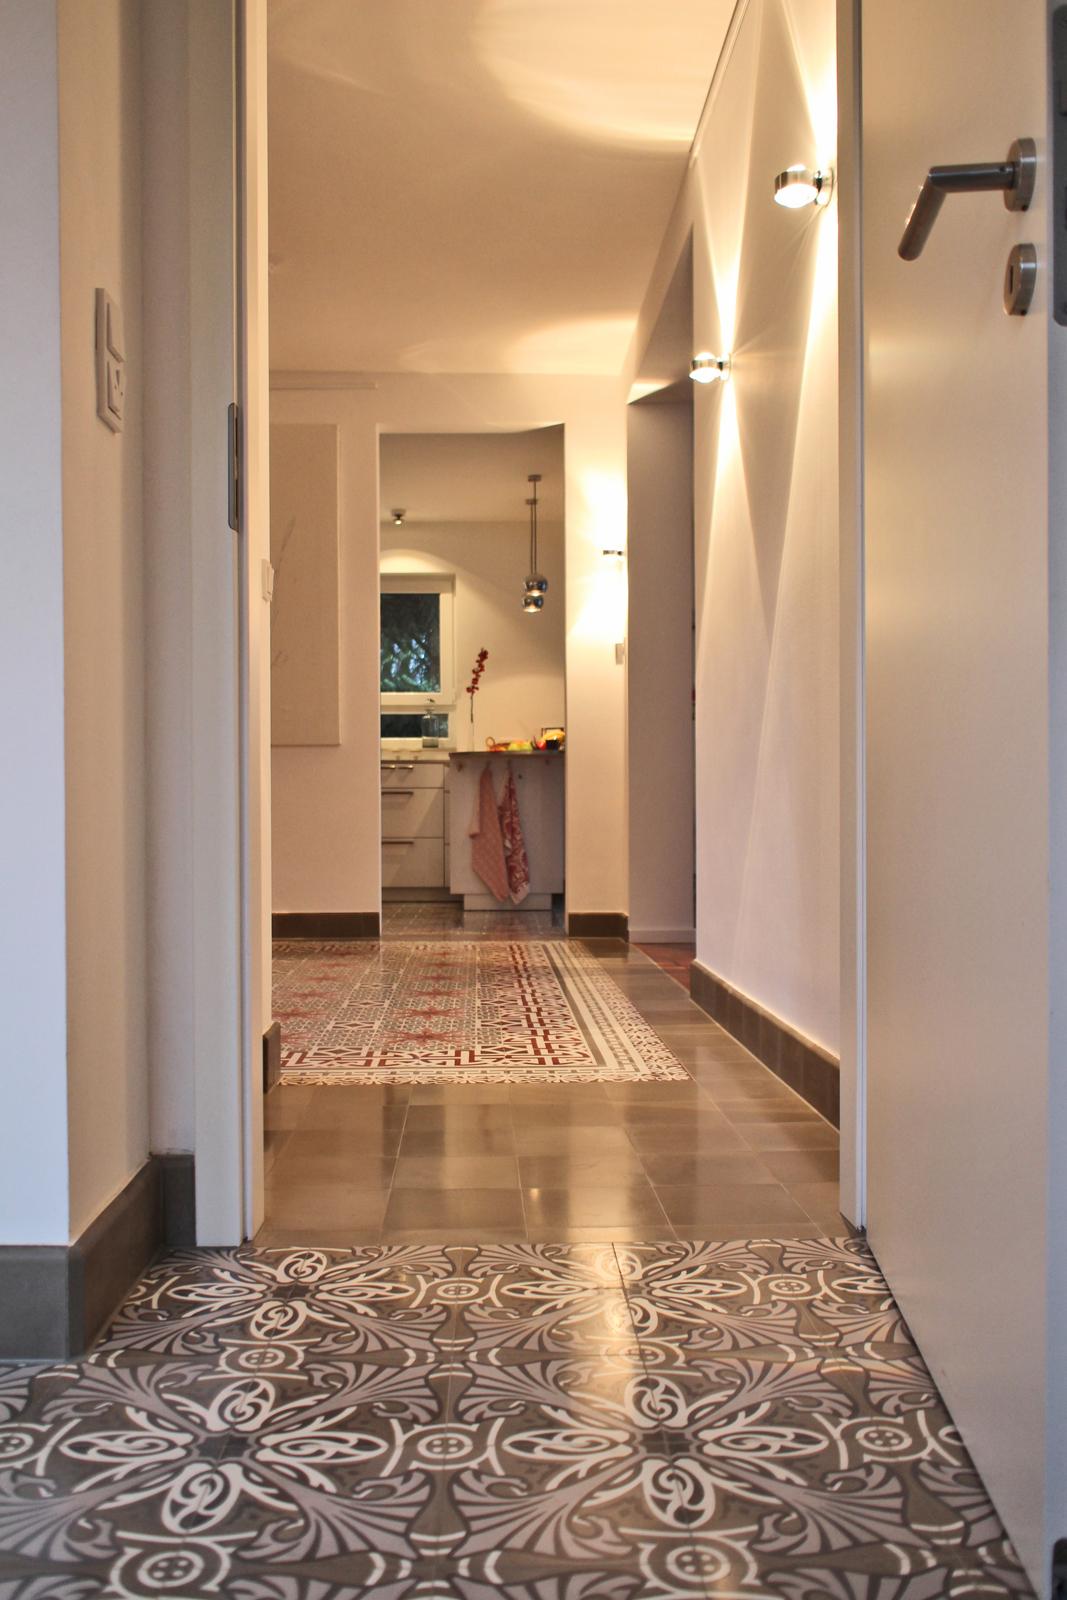 VIA Zementmosaikplatten-nr.51143-flur-02-viaplatten | 51143